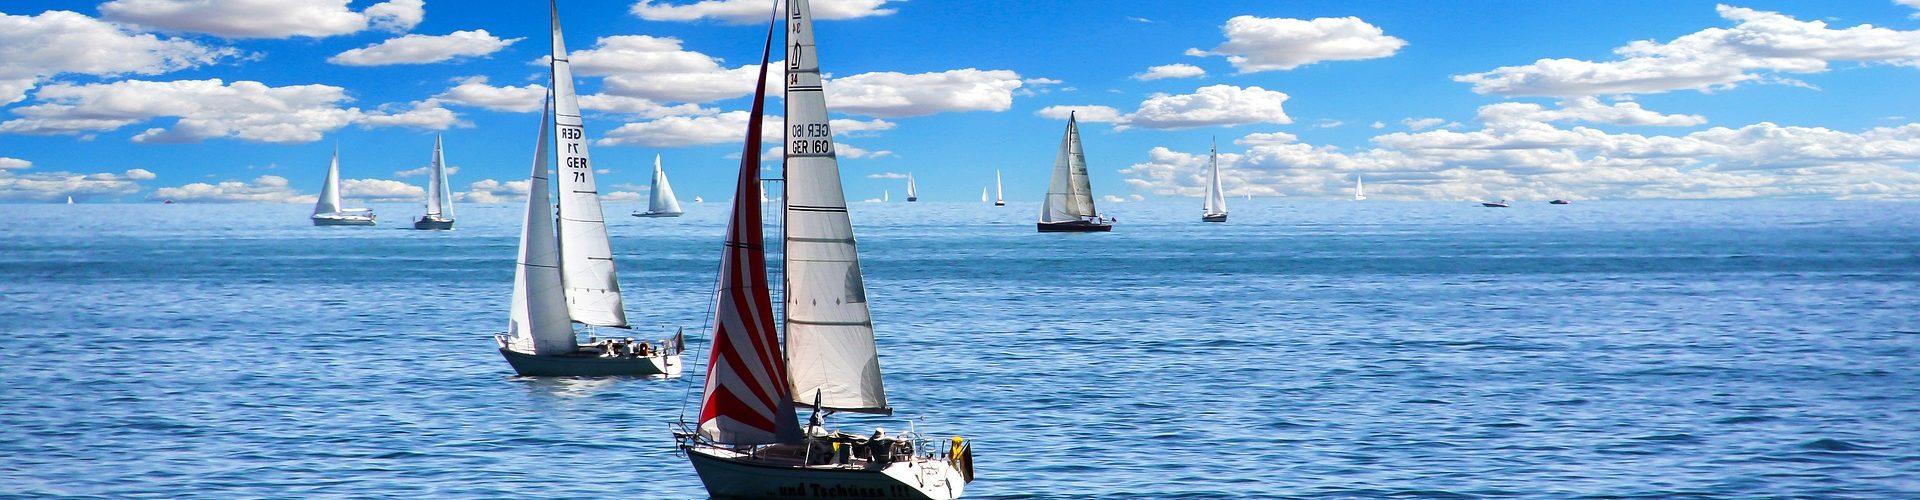 segeln lernen in Boppard segelschein machen in Boppard 1920x500 - Segeln lernen in Boppard